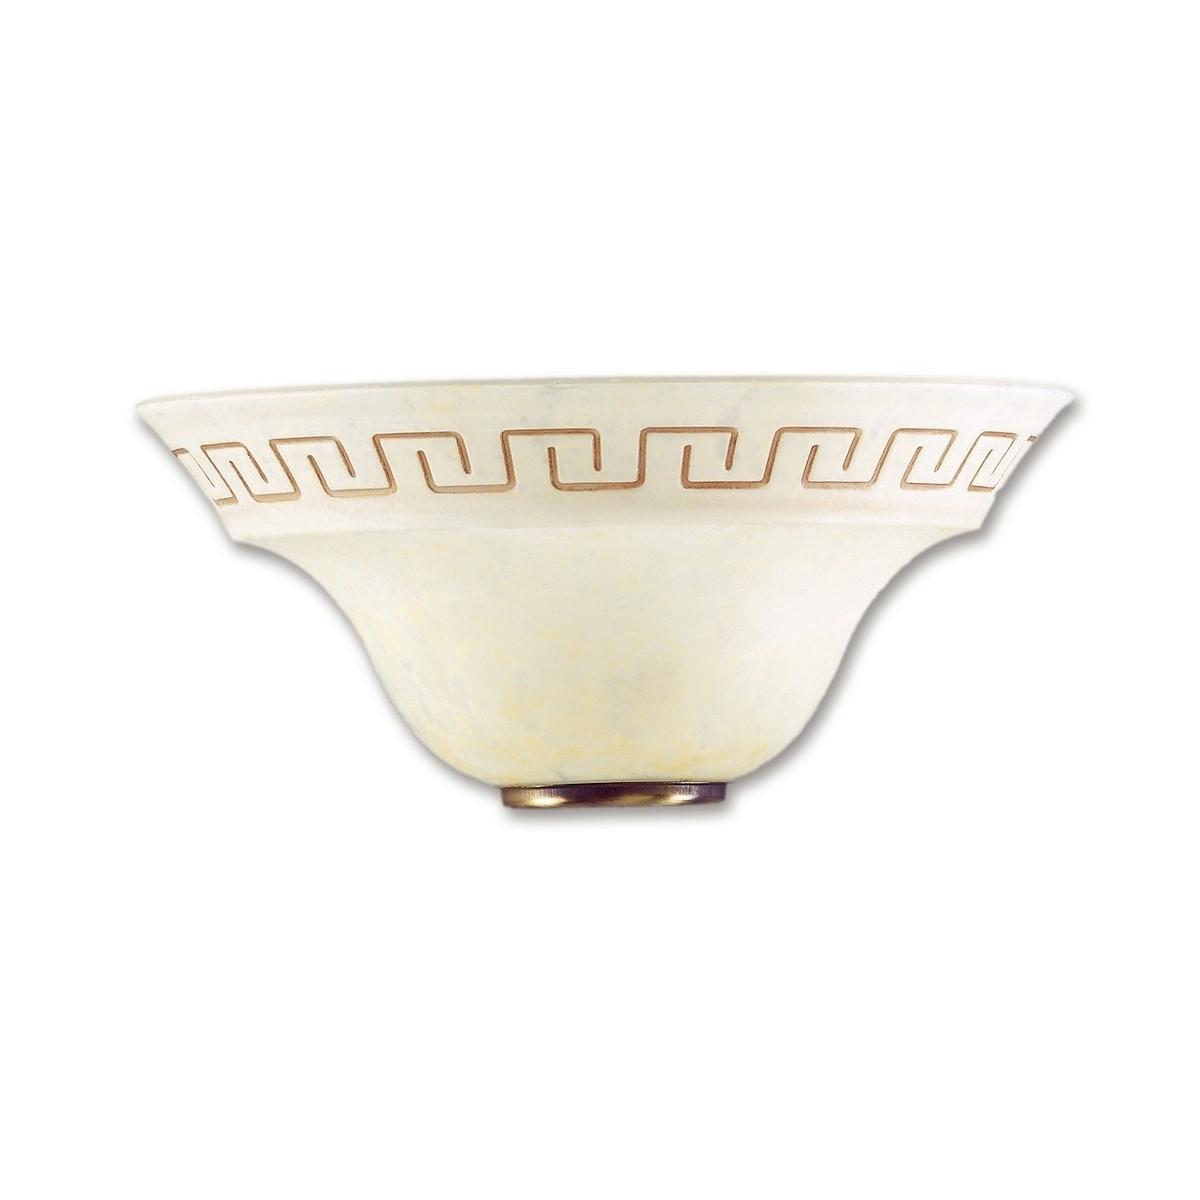 01/01212 - Applique murale classique grecque en verre marbré ambre E27